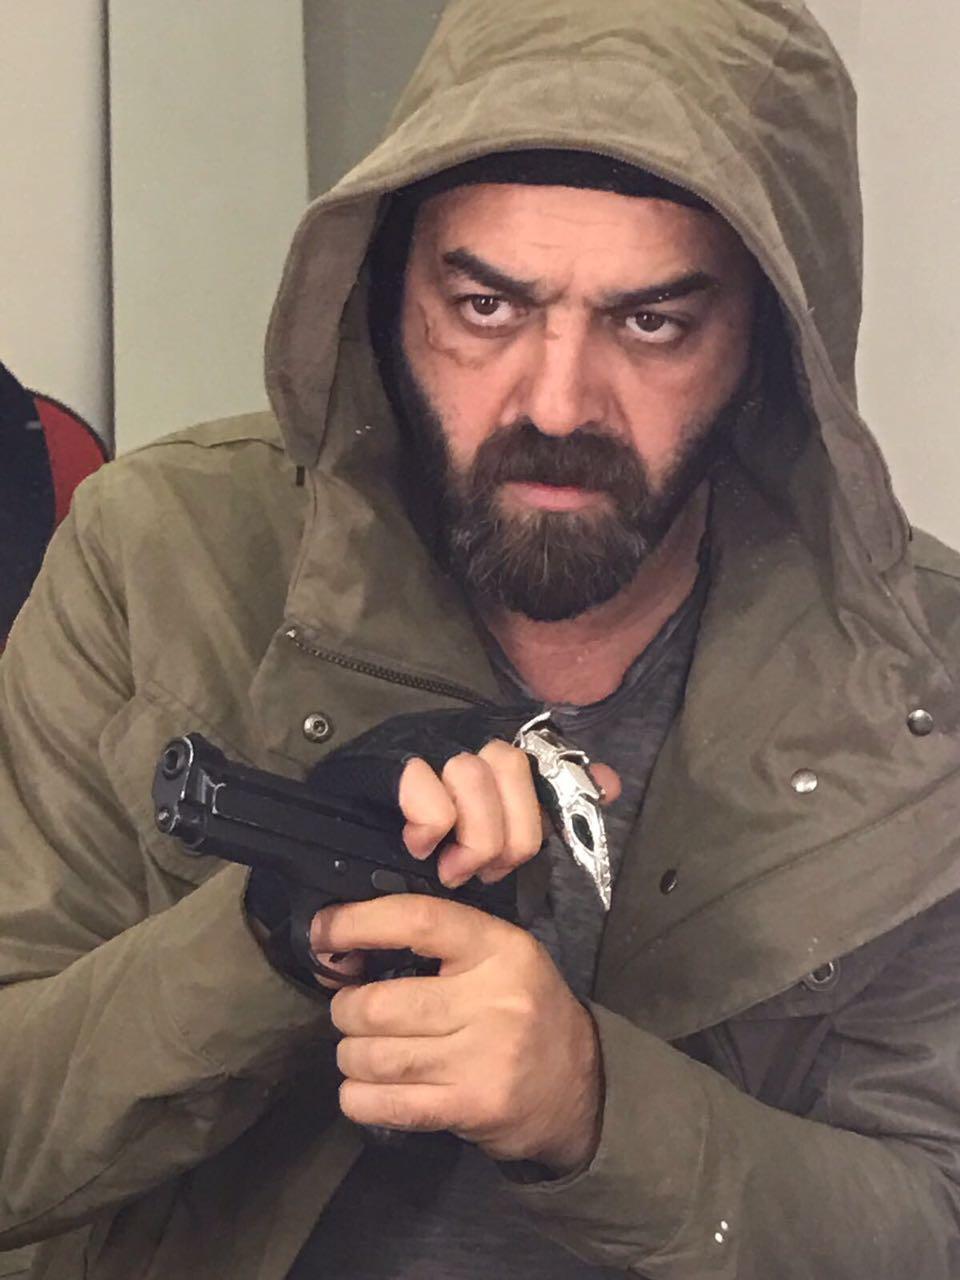 الفنان السورى سامر المصرى فى دور قائد الحركات الجهادية بفيلم الخلية (1)